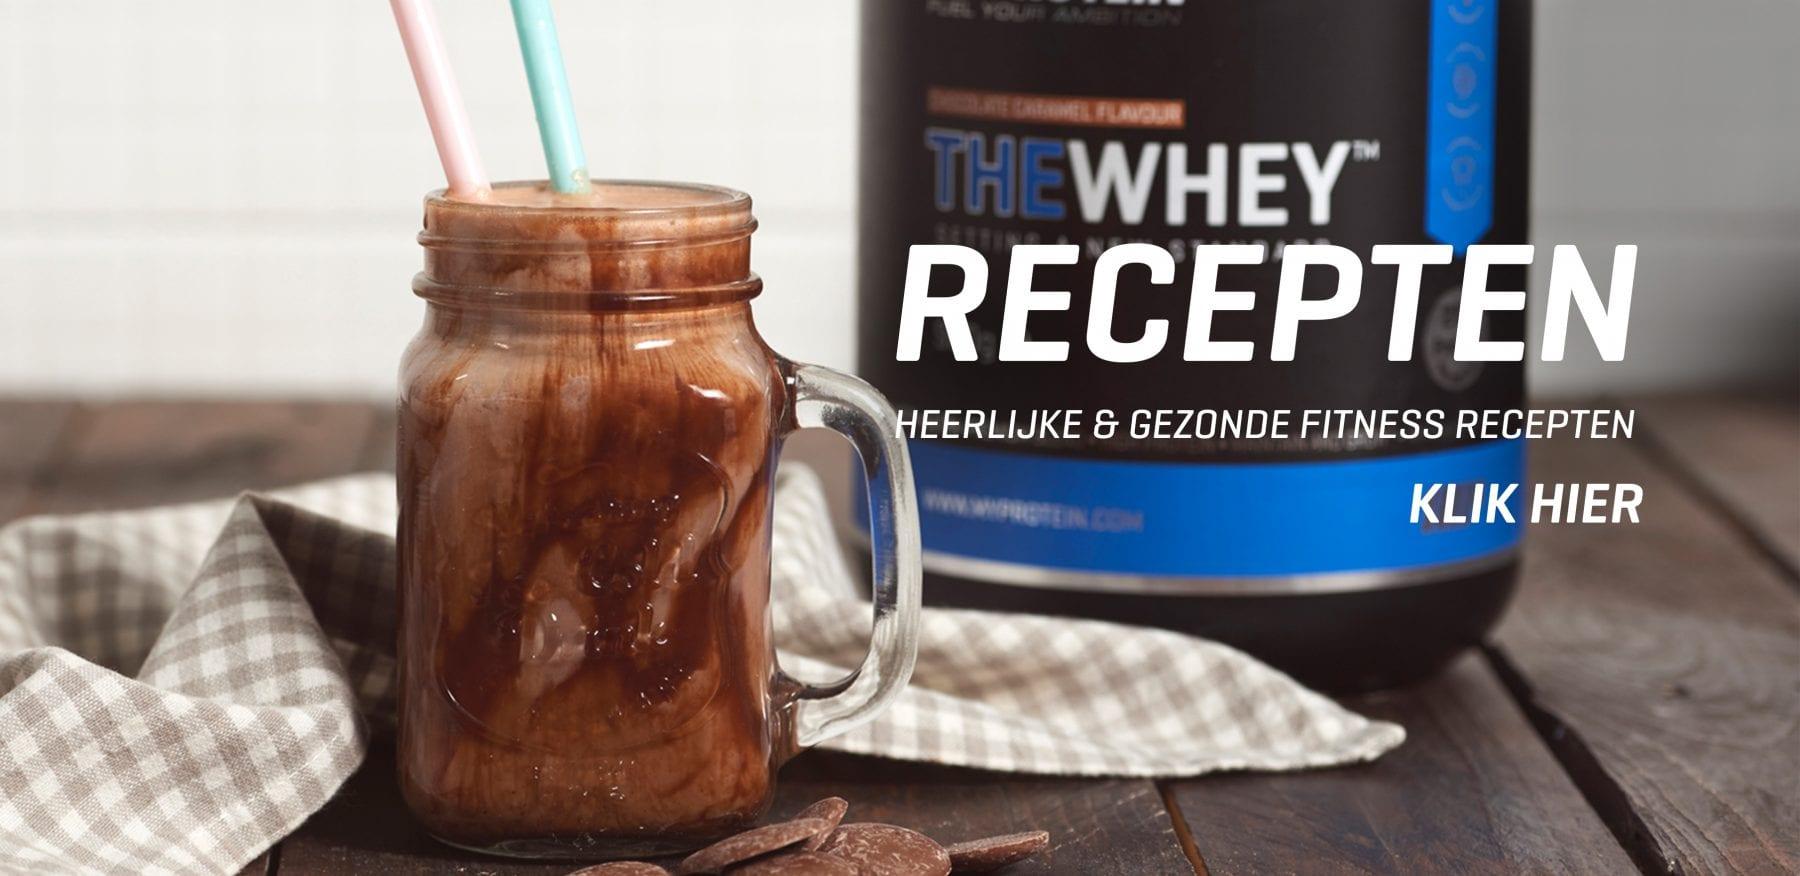 Myprotein Recepten Fitness Gezond